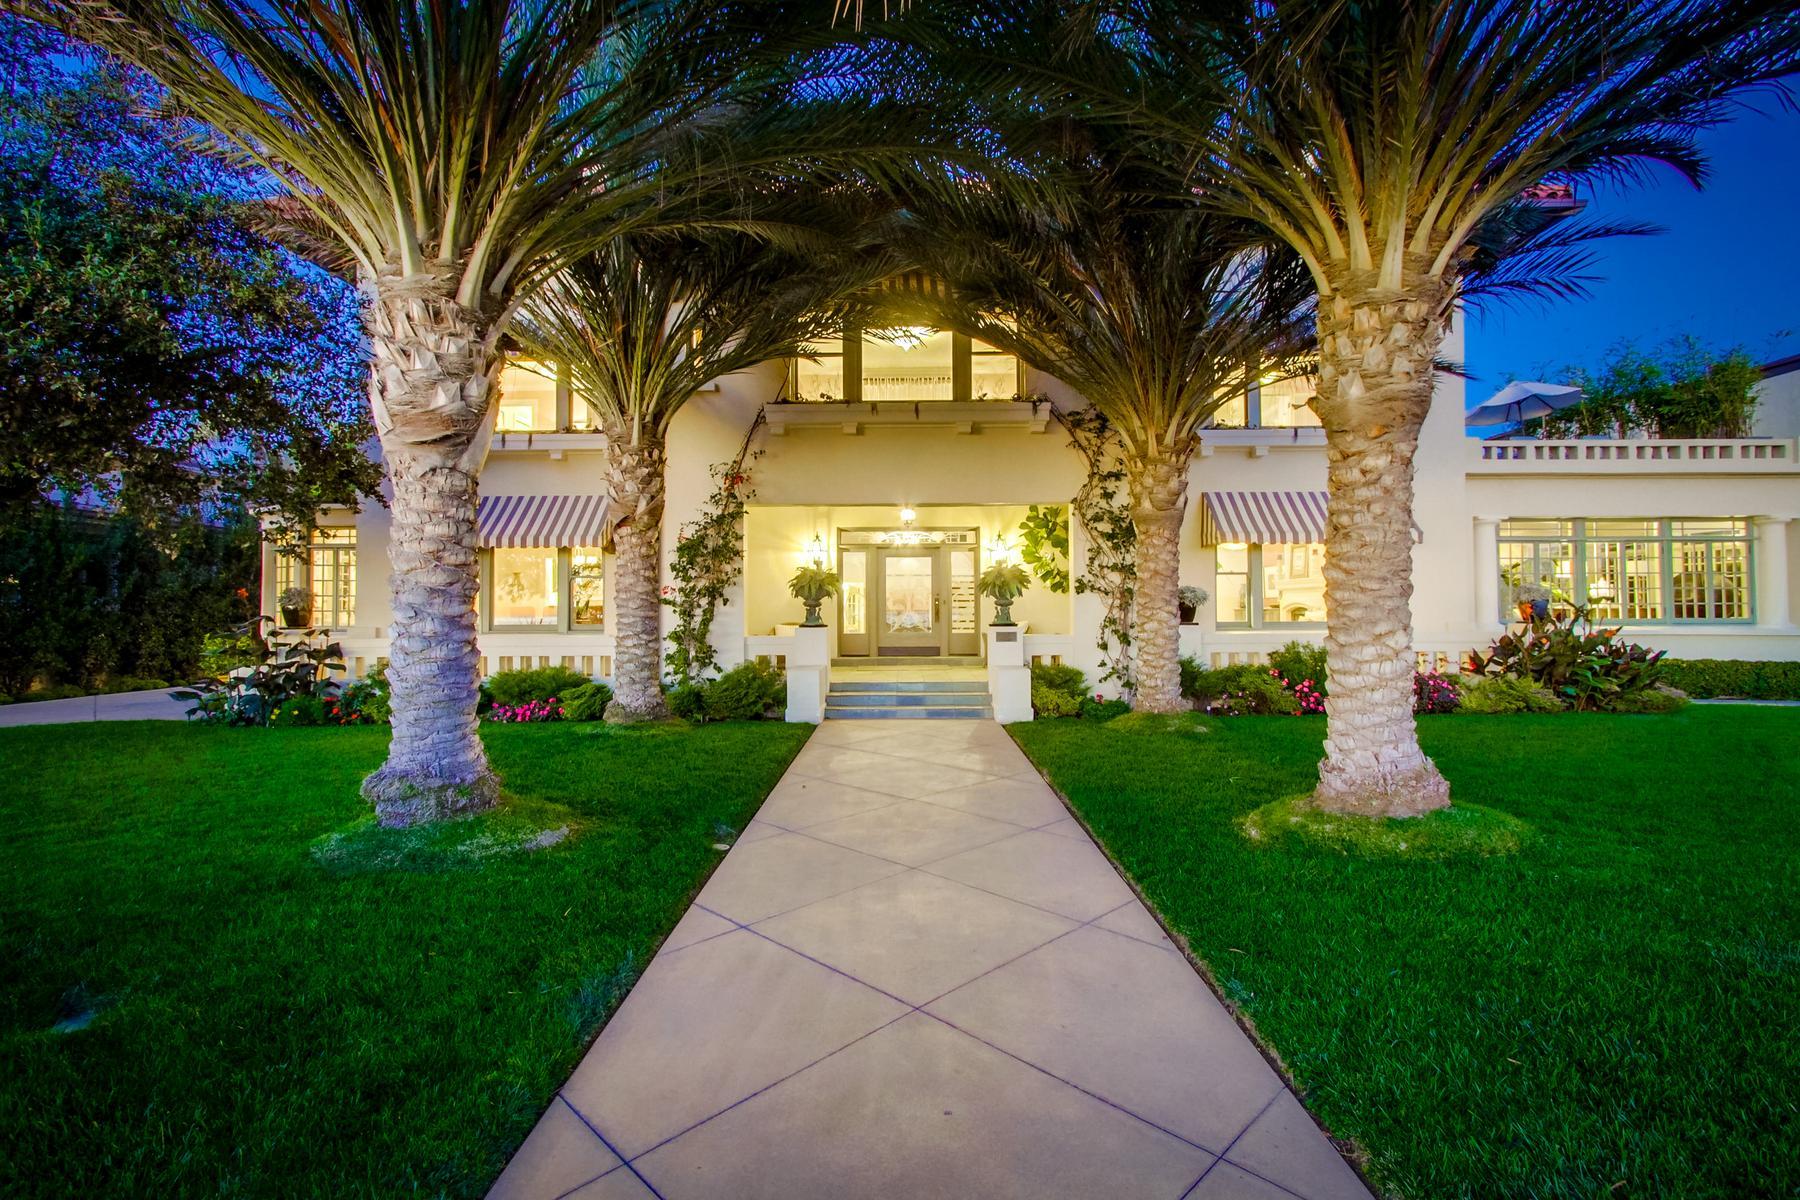 Частный односемейный дом для того Продажа на 1043 Ocean Boulevard Coronado, 92118 Соединенные Штаты